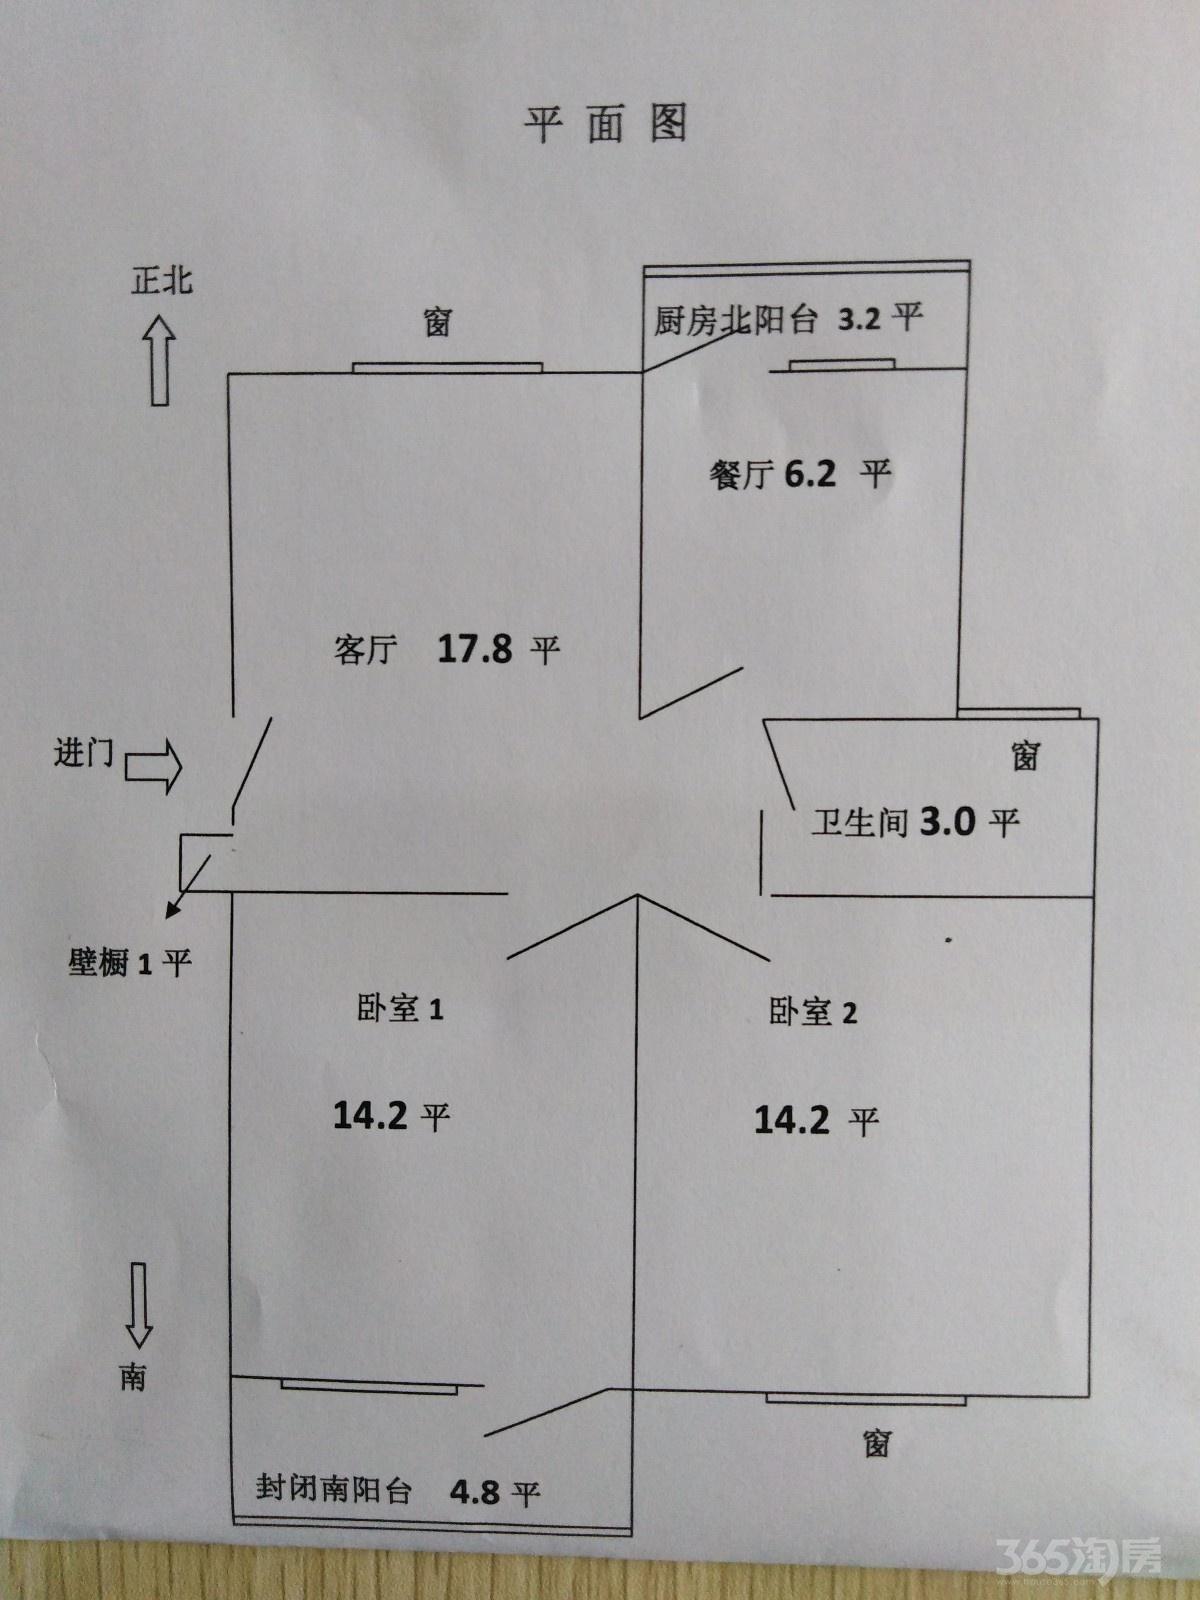 栖霞区迈皋桥十字街70号2室2厅户型图